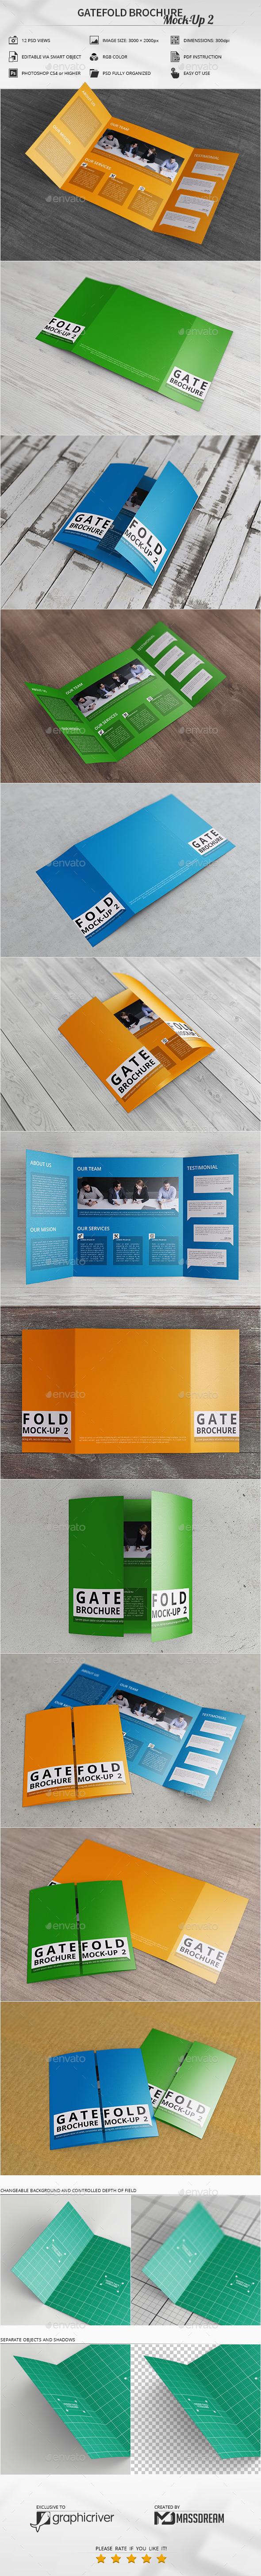 Gatefold Brochure Mock-Up 2 - Brochures Print